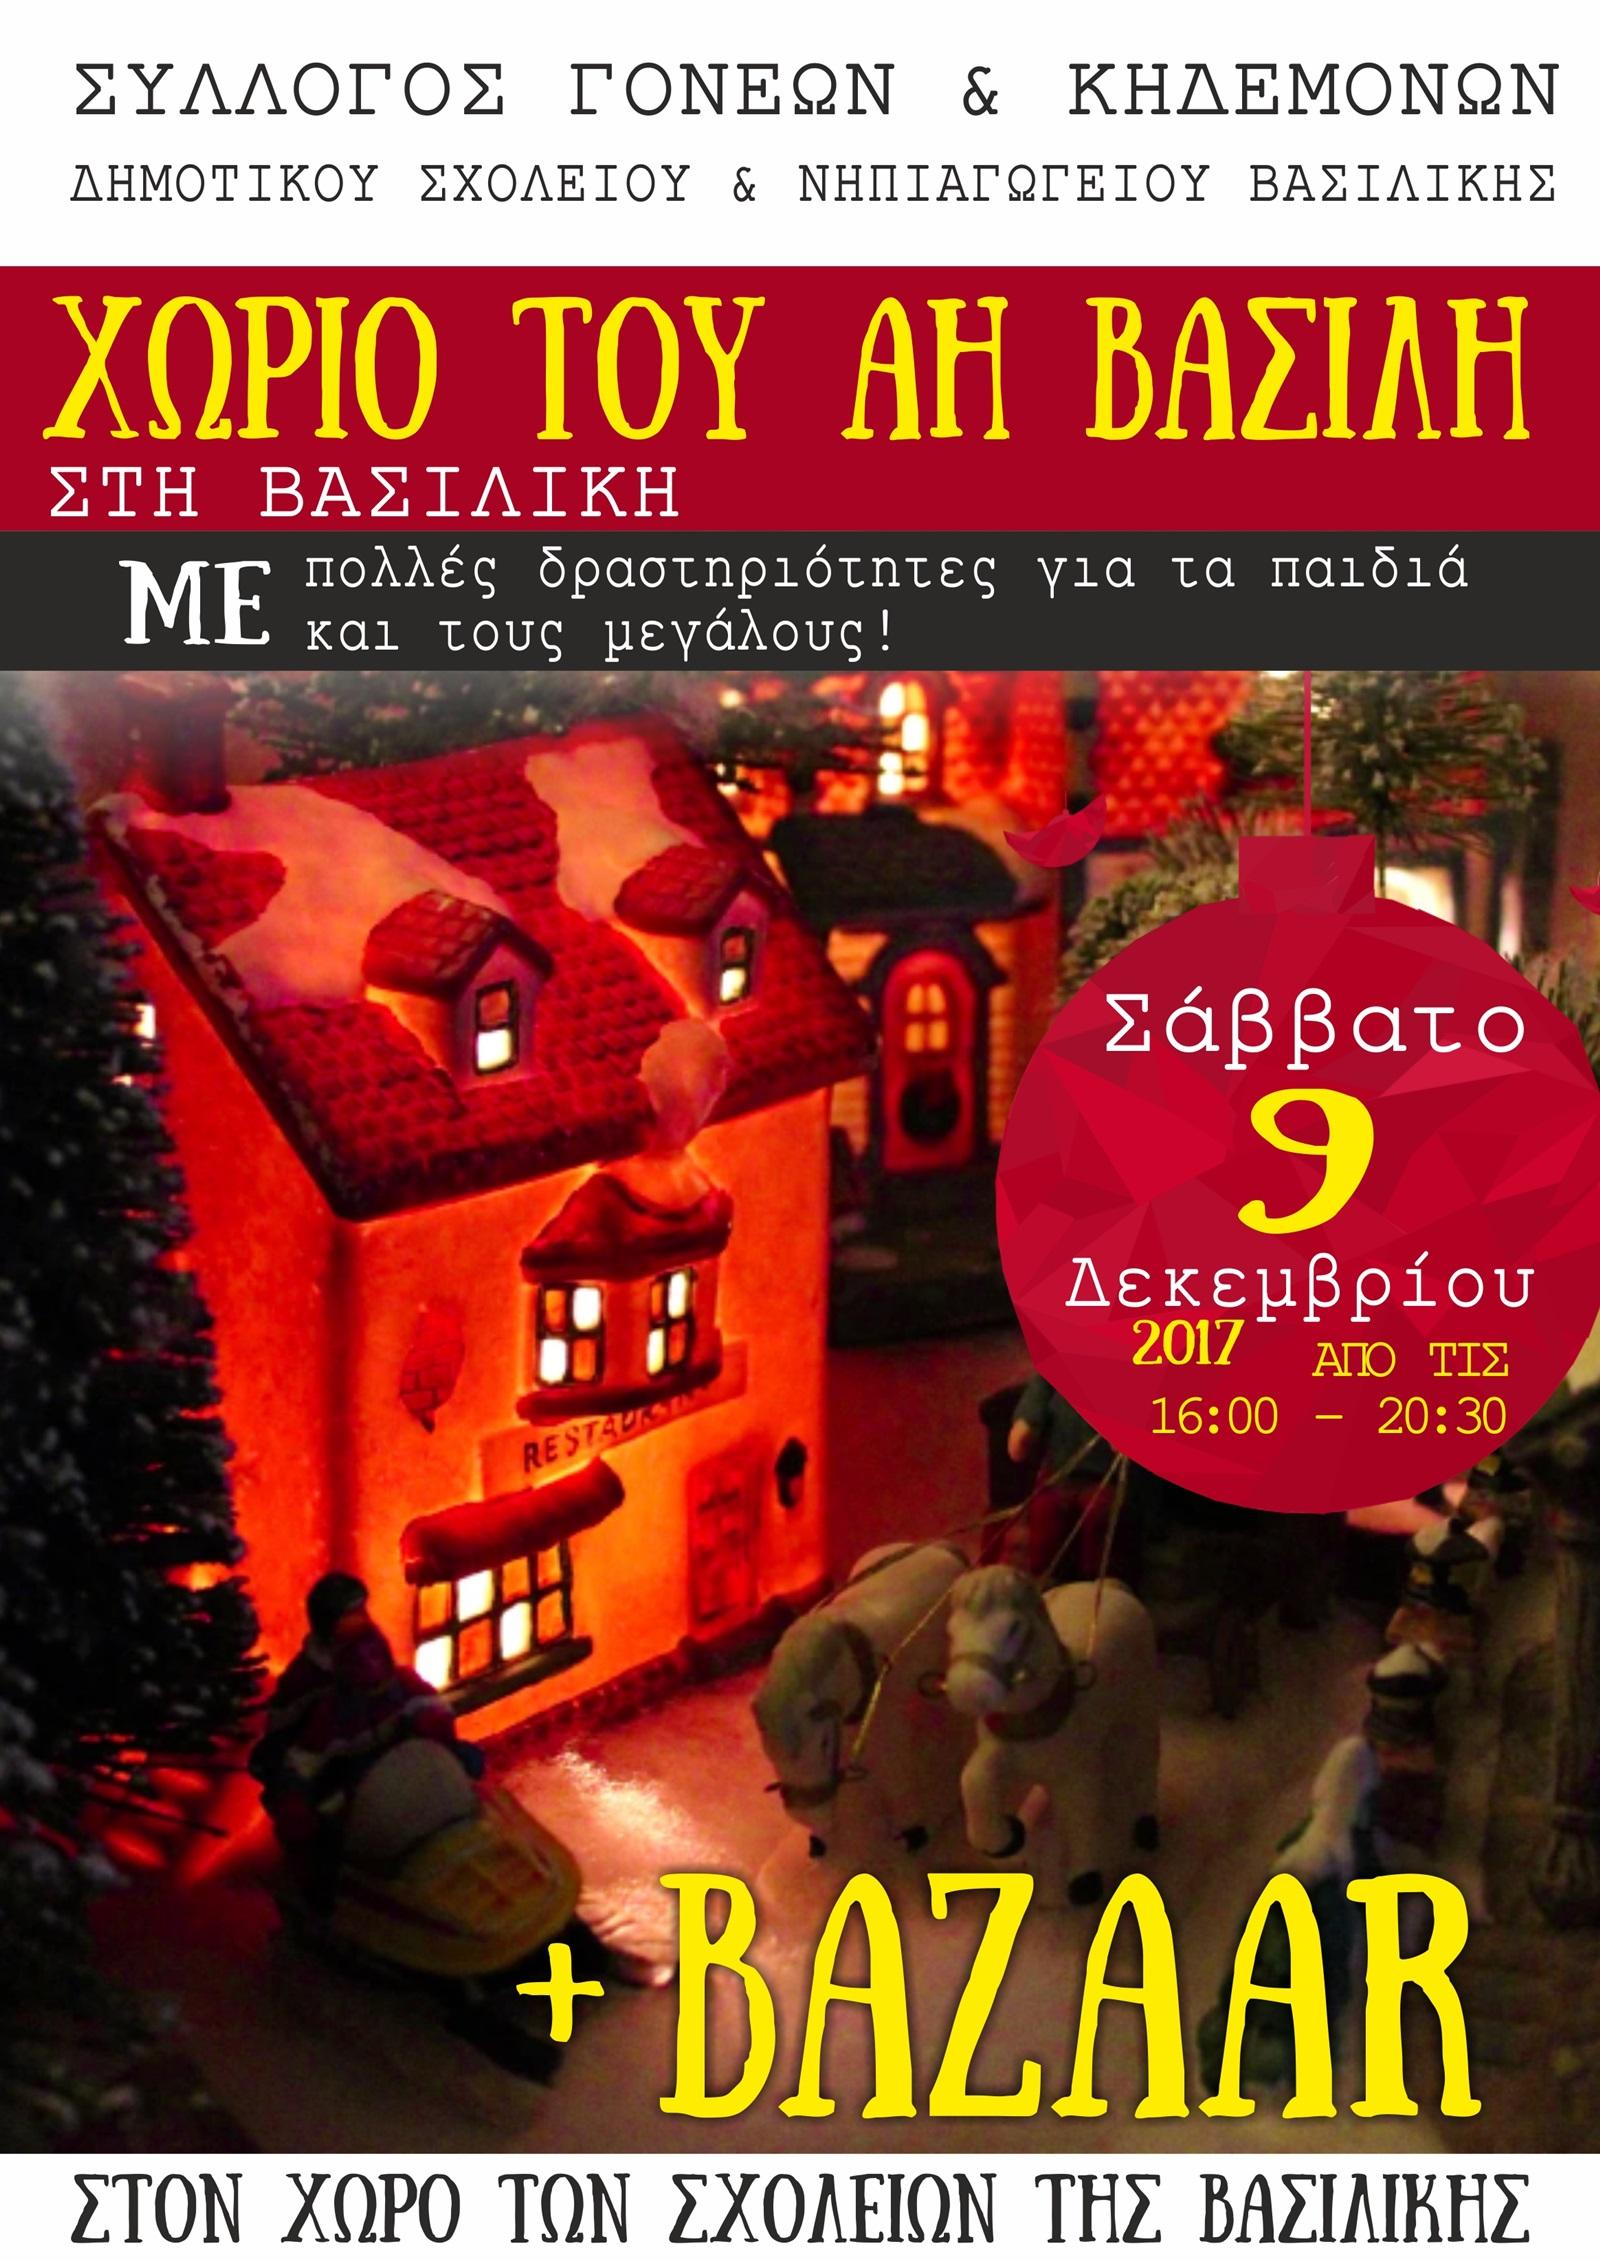 sillogos gonewn k kidemonwn vasilikis xwrio ai vasili bazaar afisa 2017